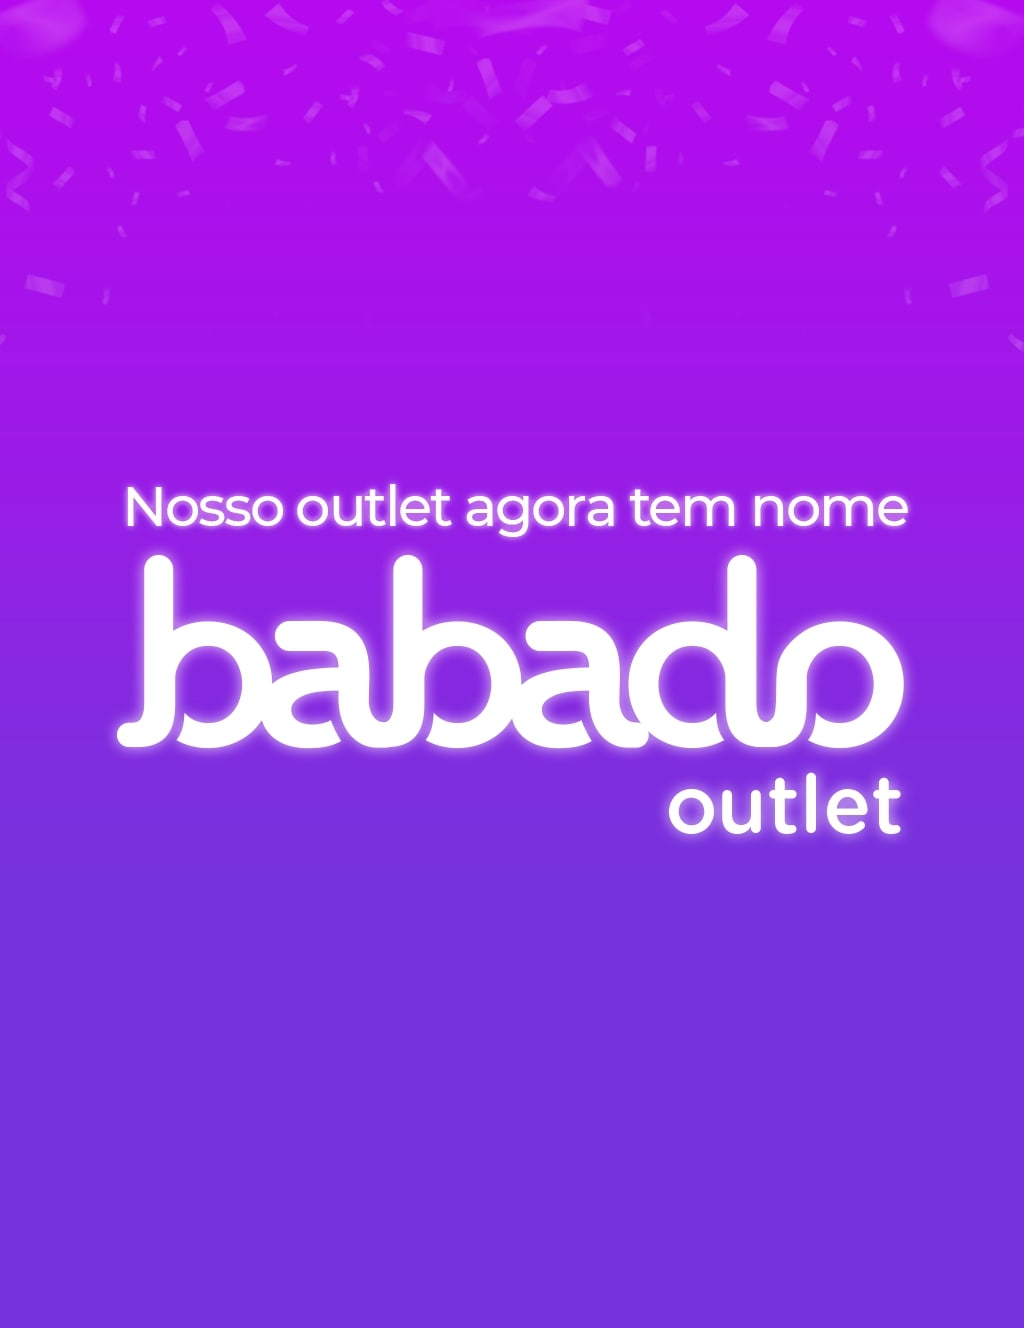 Topo 6 - Babado